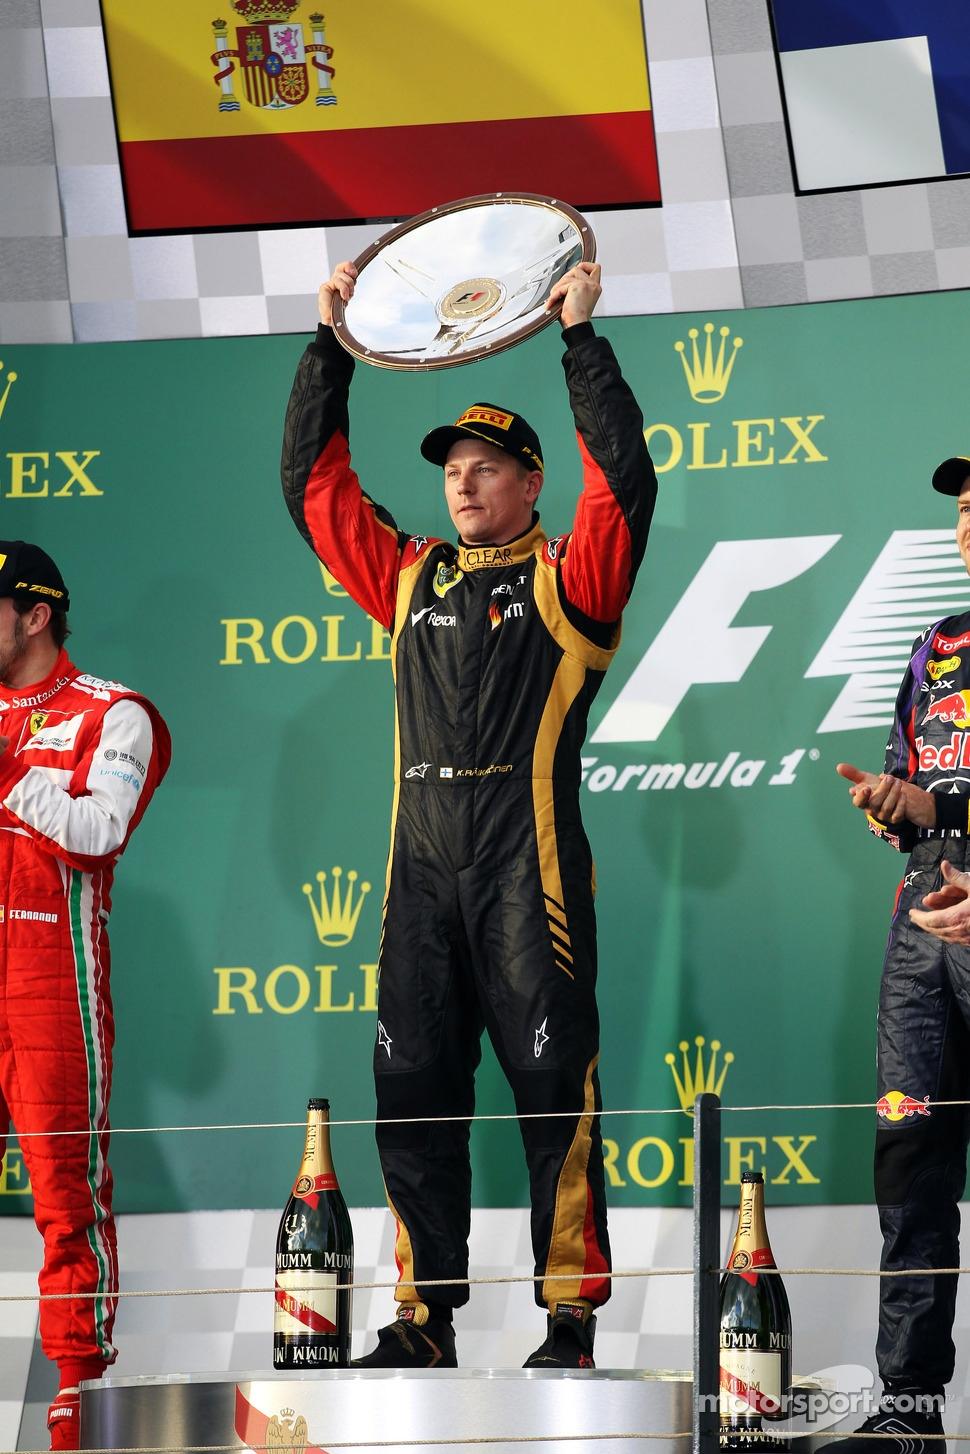 http://cdn-1.motorsport.com/static/img/mgl/1500000/1520000/1525000/1525300/1525351/s1_1.jpg